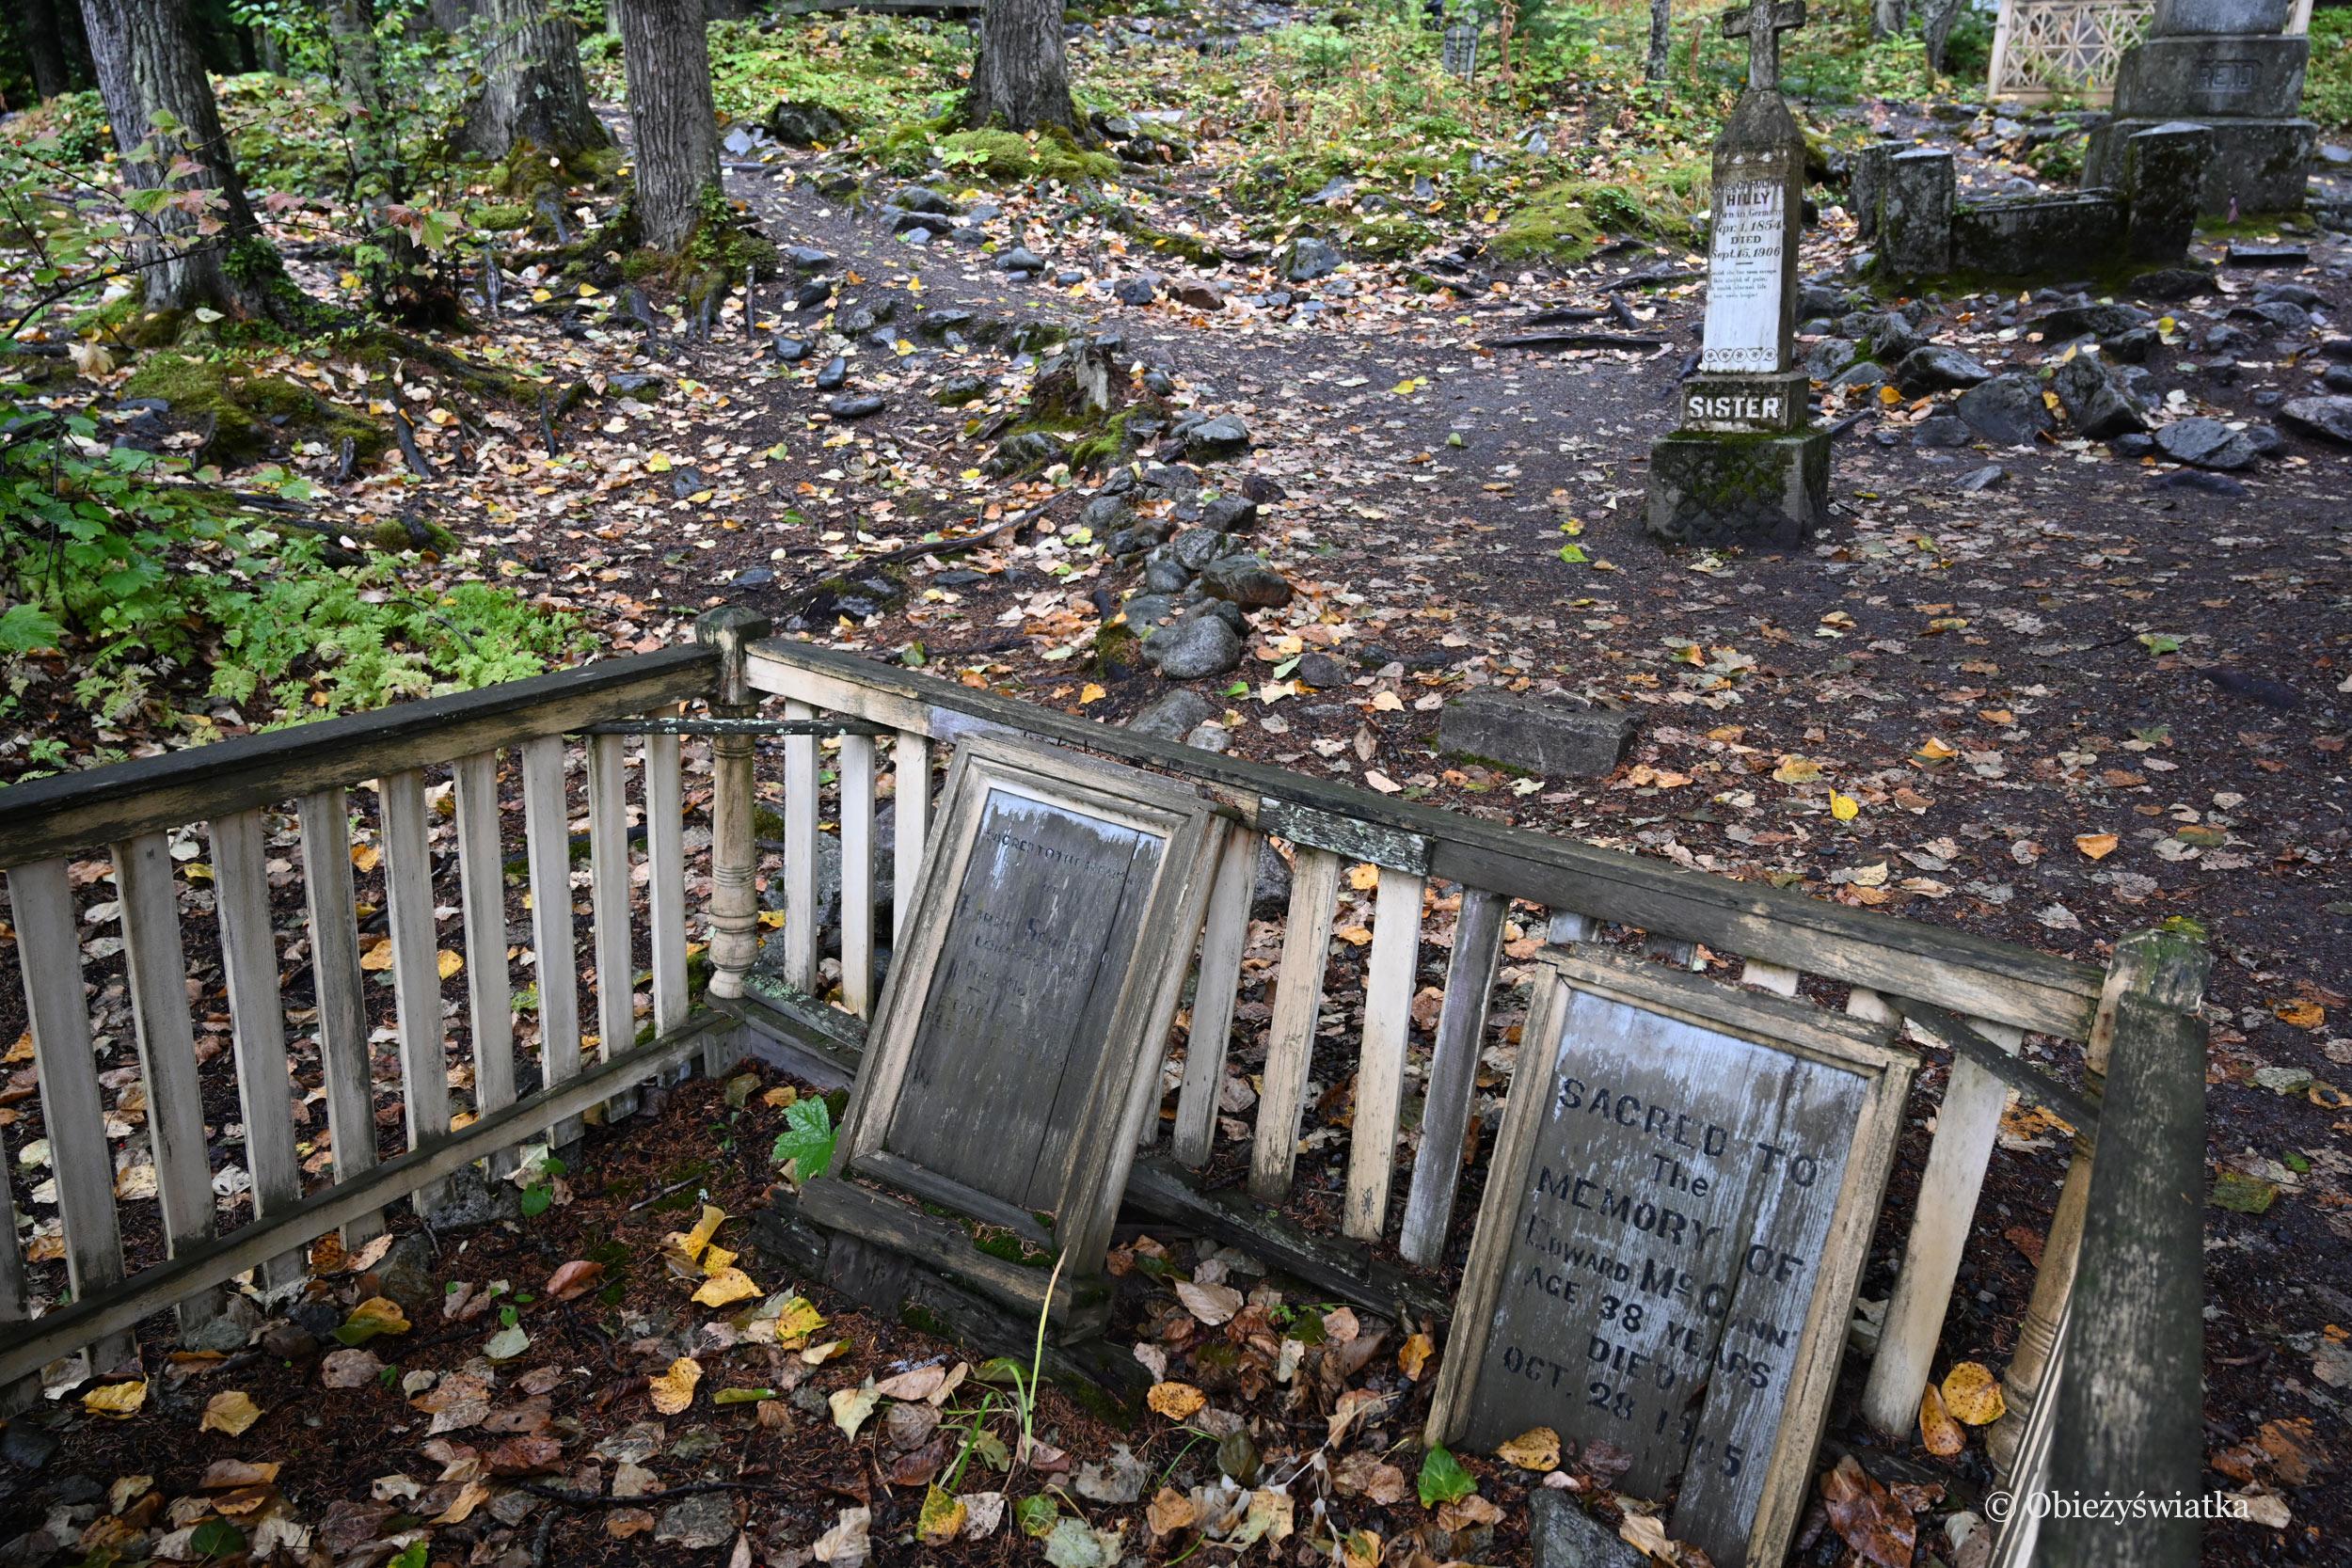 Odeszli w czasie gorączki złota na Alasce - Cmentarz Poszukiwaczy Złota w Skagway, Alaska